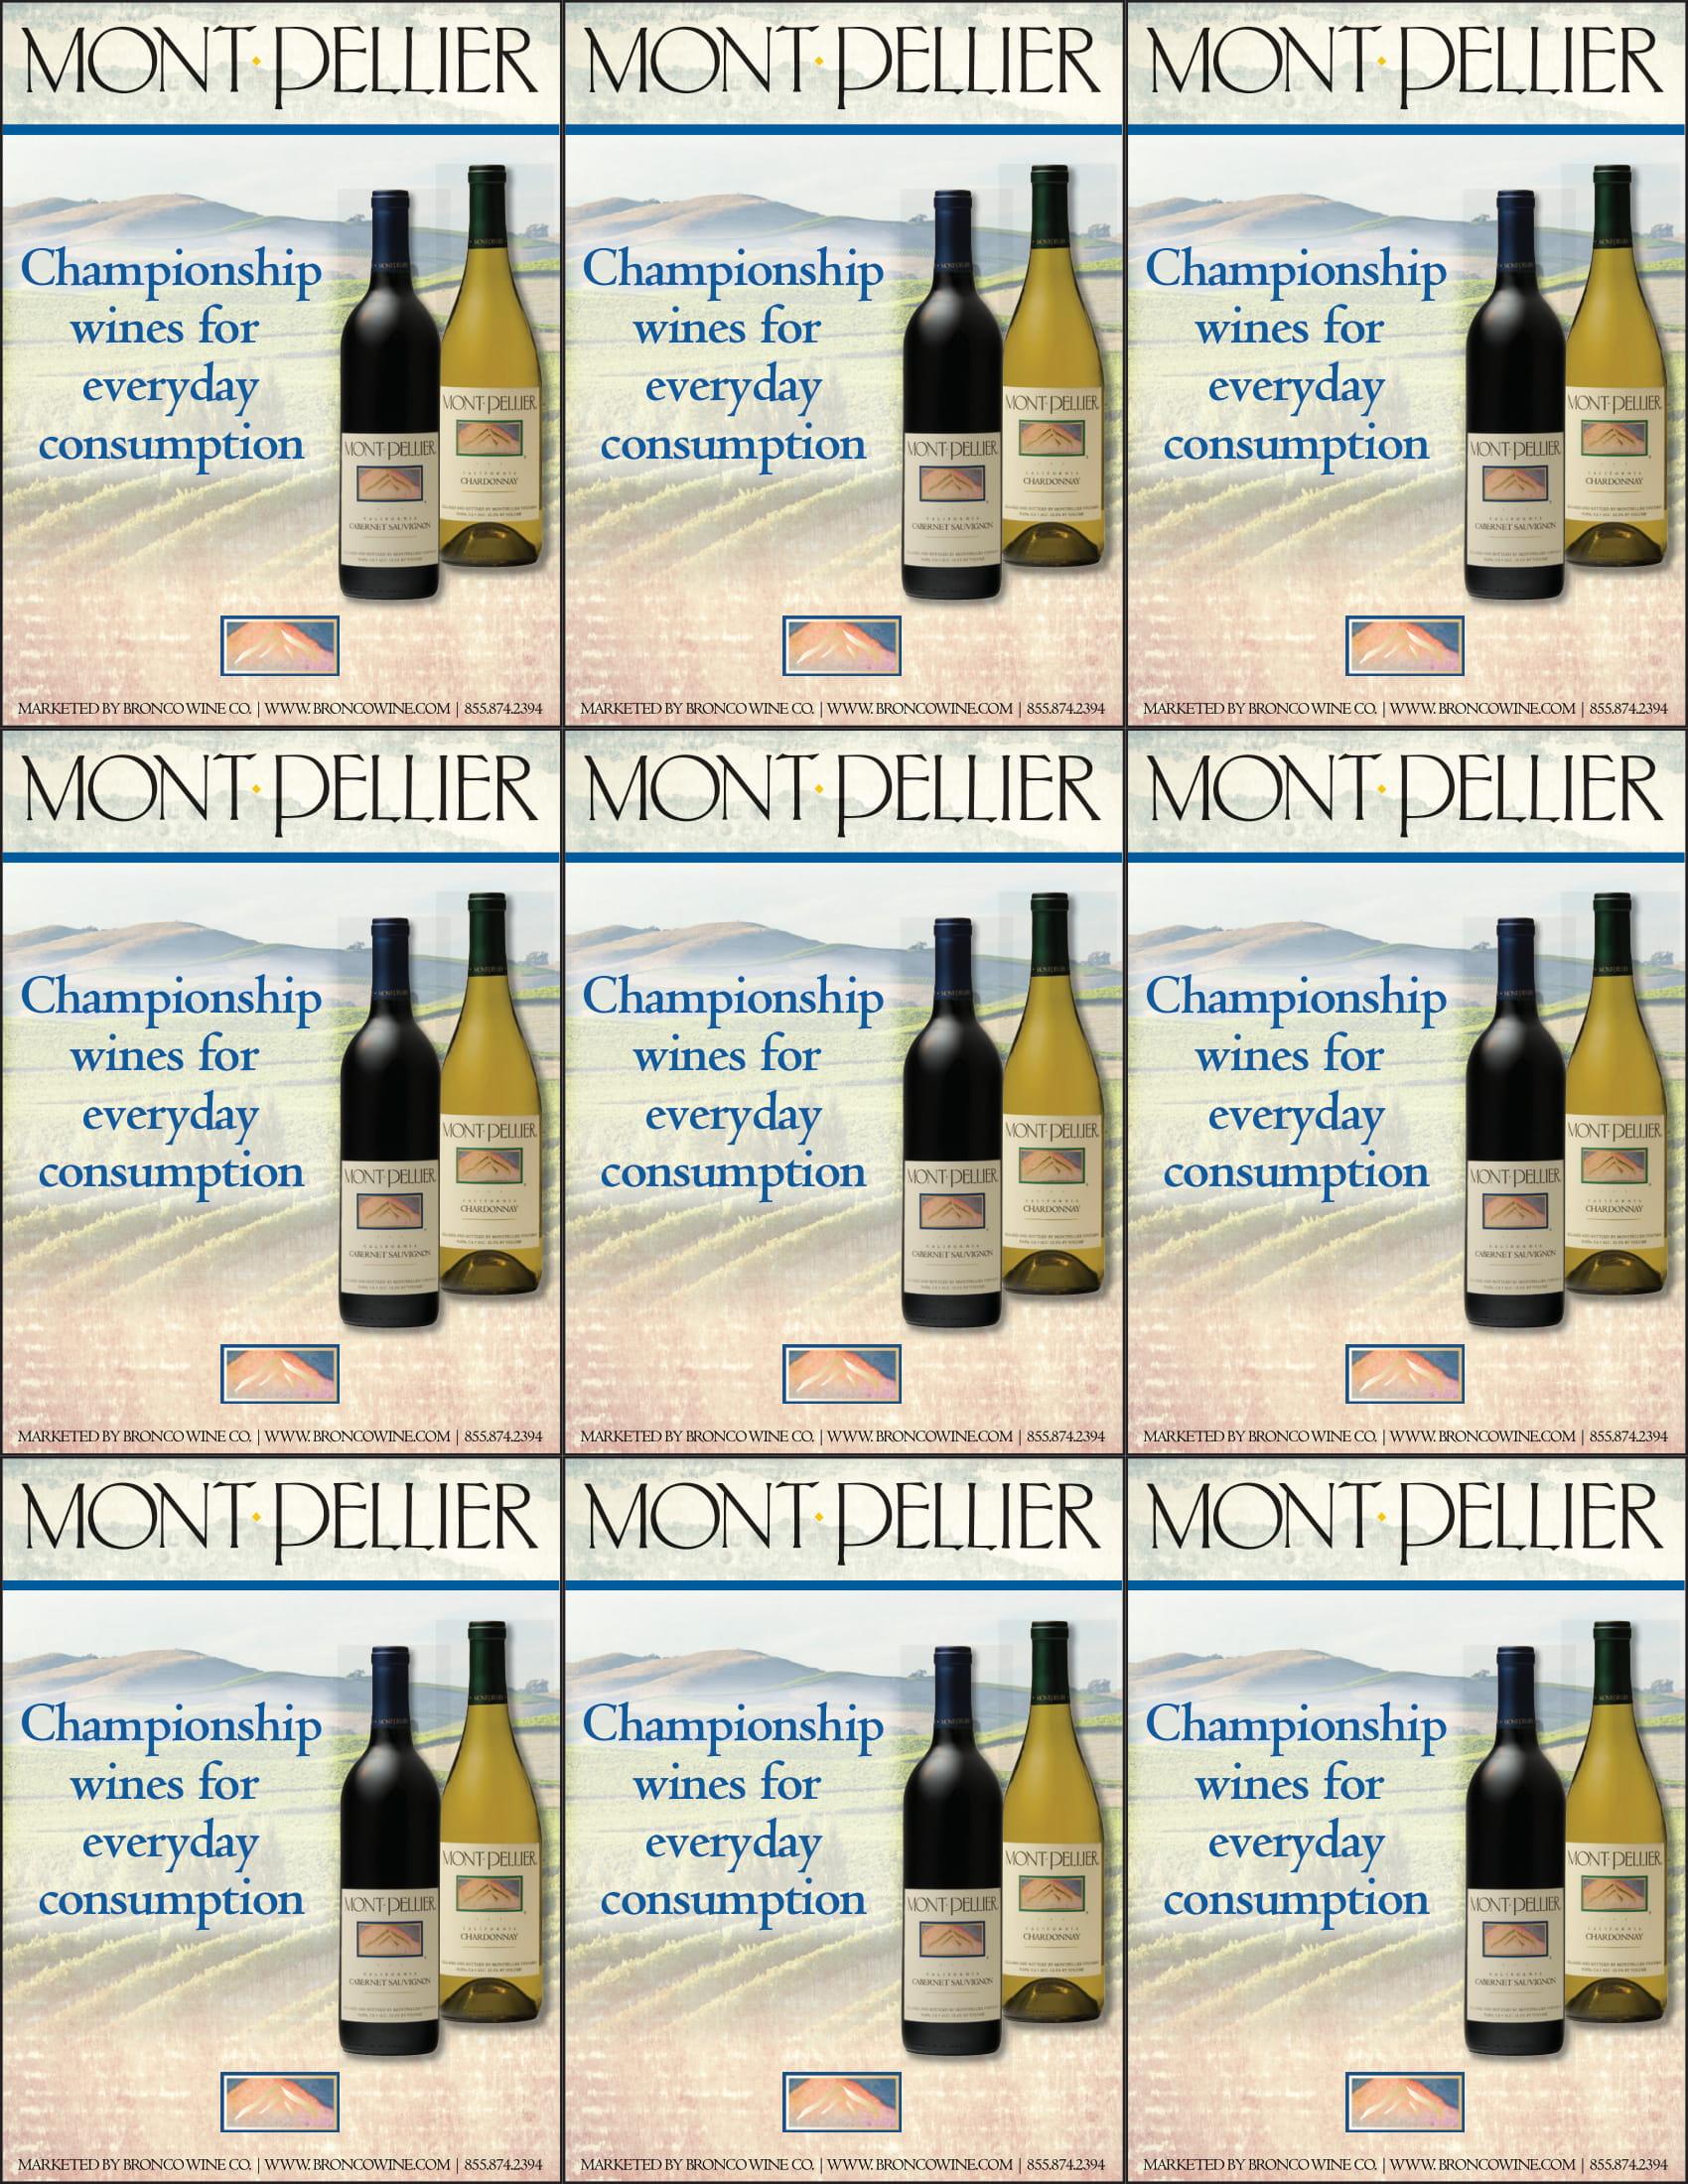 Montpellier Generic Shelf Talker